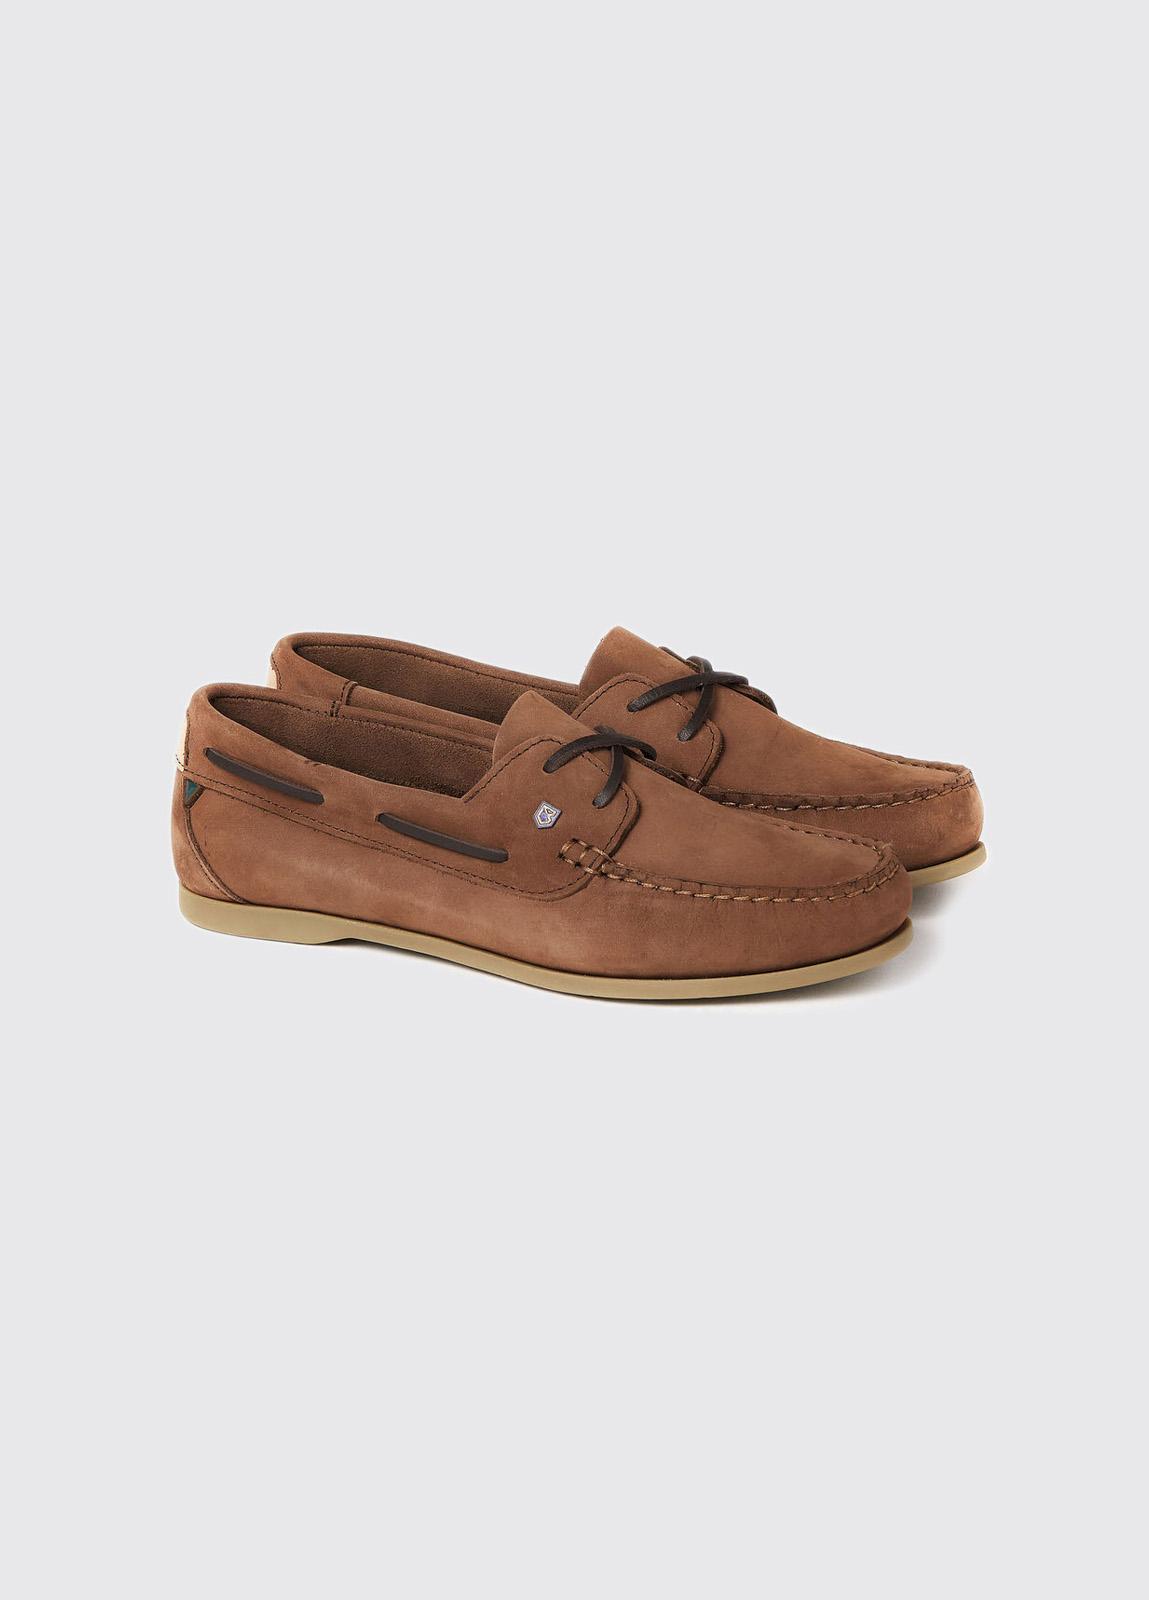 Aruba Deck Shoe - Cafe